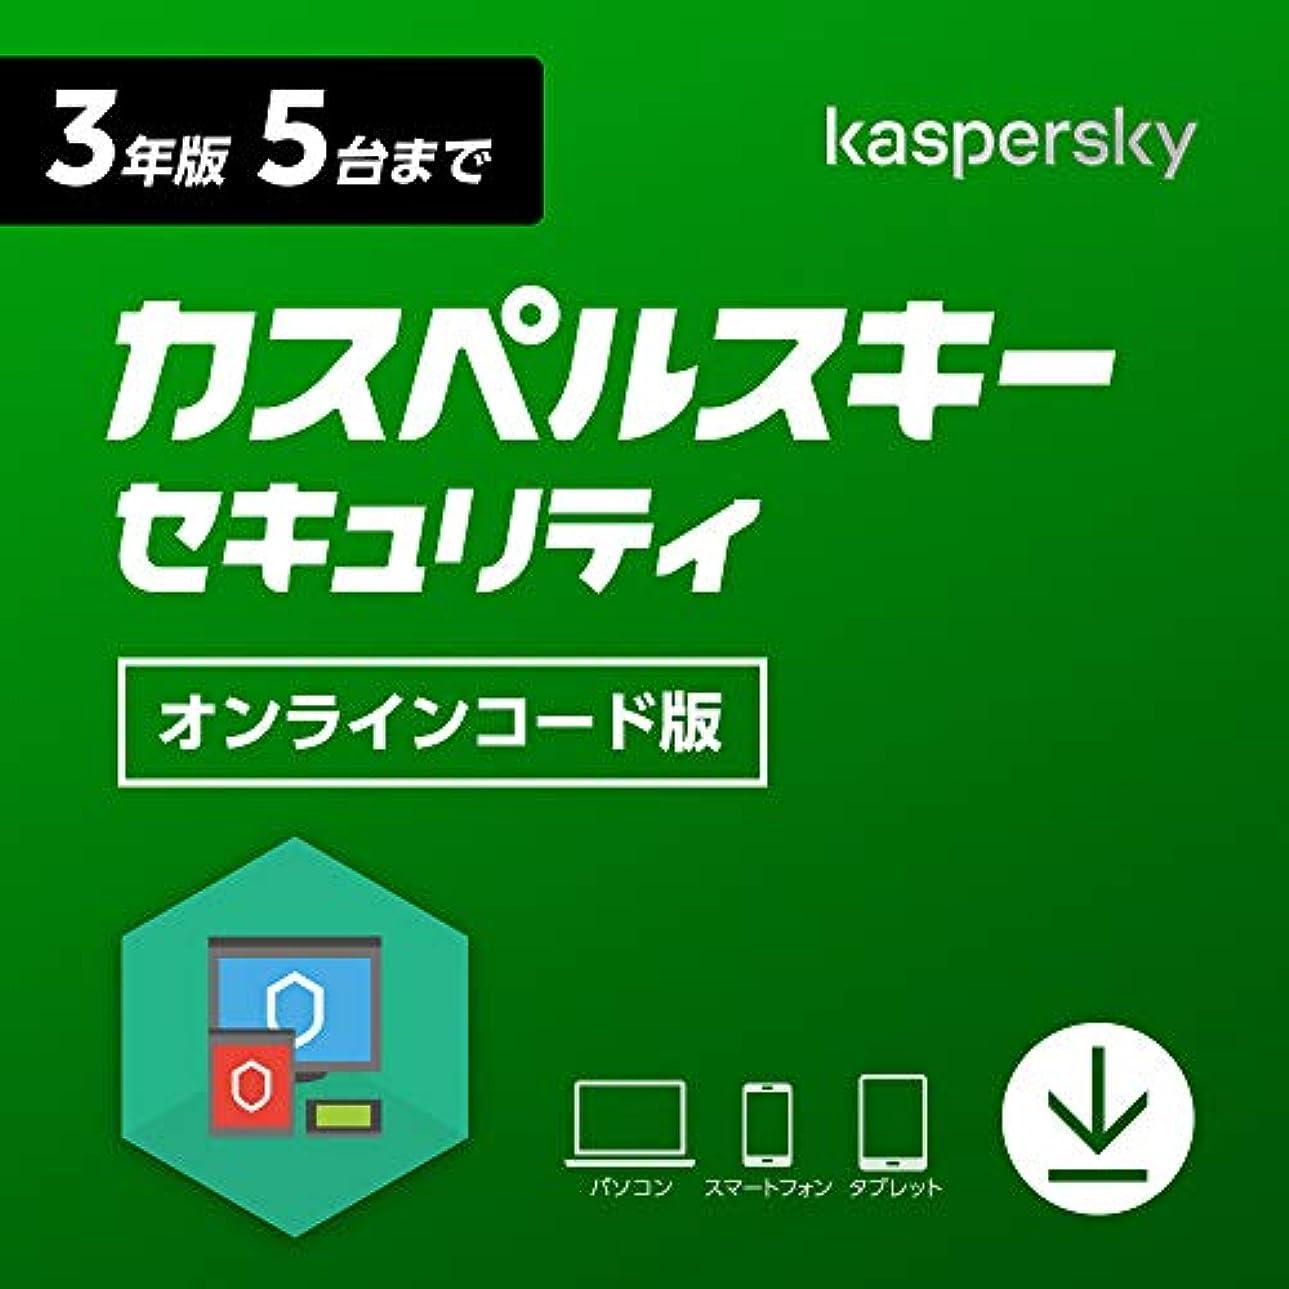 スペクトラム囚人スティックカスペルスキー セキュリティ (最新版) | 3年 5台版 | オンラインコード版 | Windows/Mac/Android対応